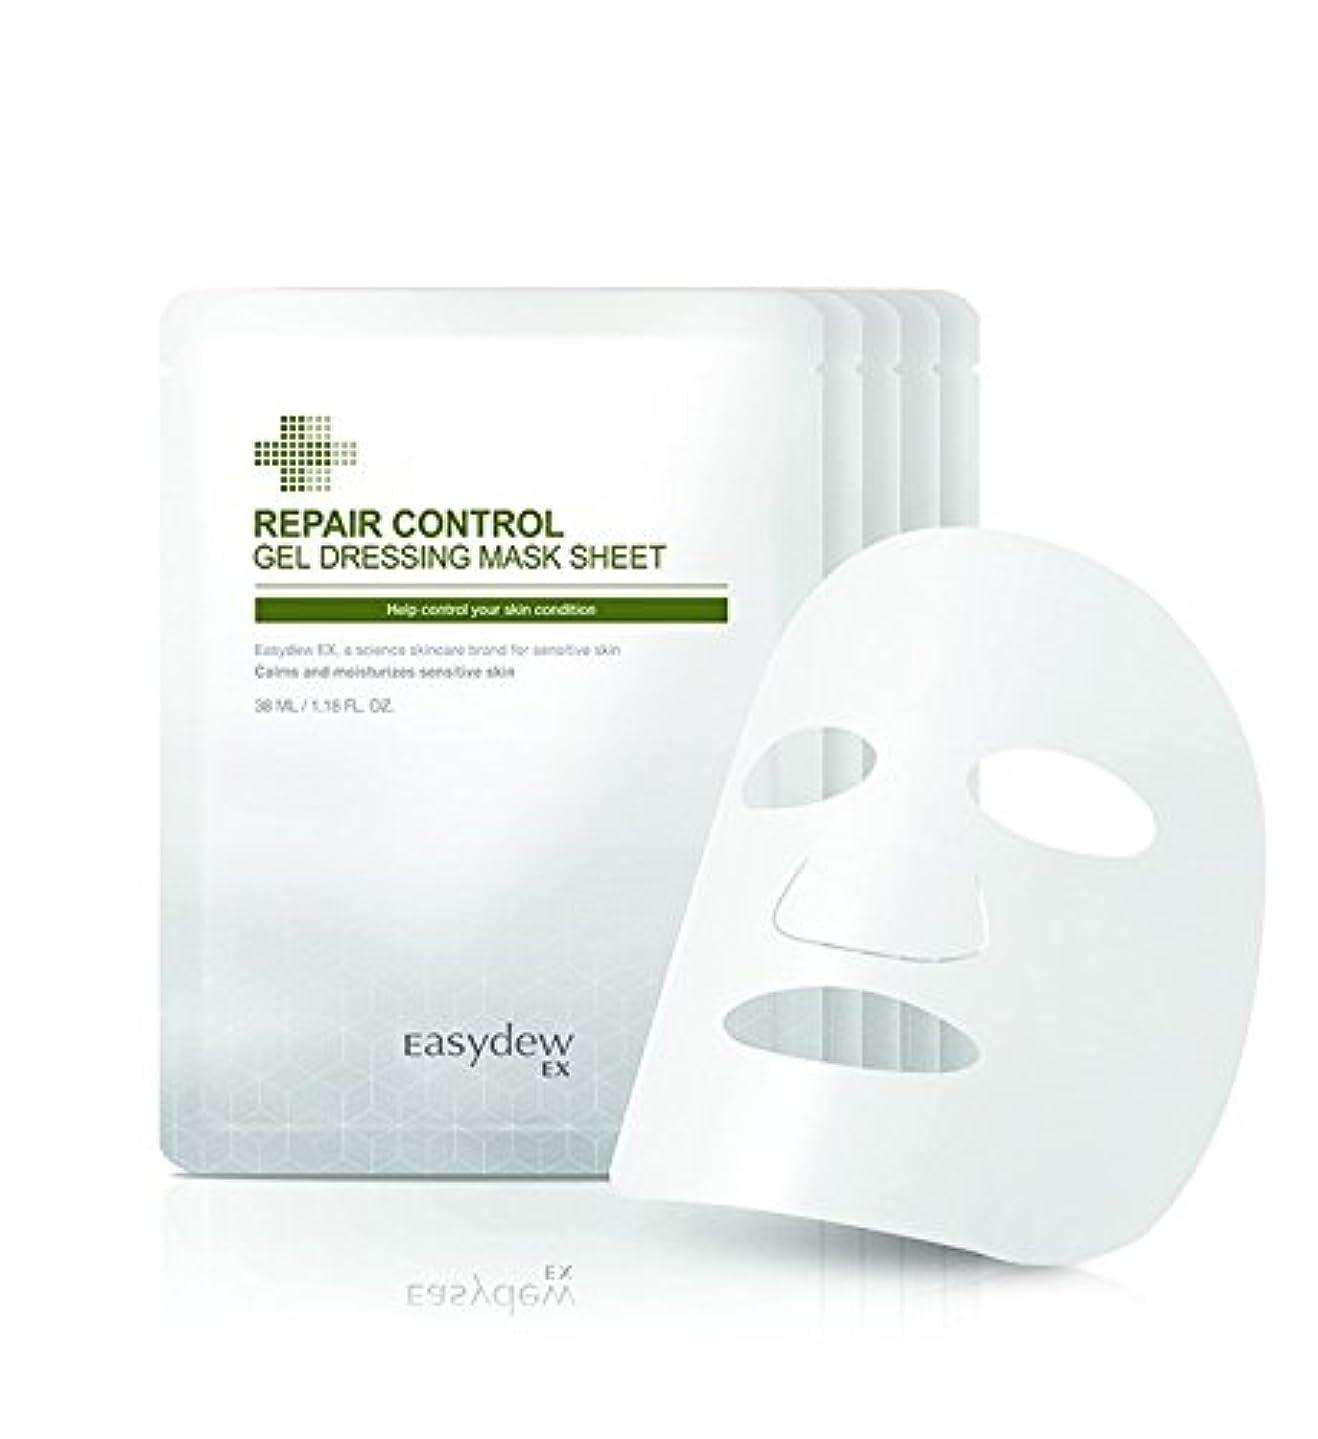 郡借りる弾薬デウン製薬 リペア コントロール ゲルドレッシング マスクシートー38ml X 5枚セット. Repair Control Gel Dressing Mask Sheet 38ml X 5P set.